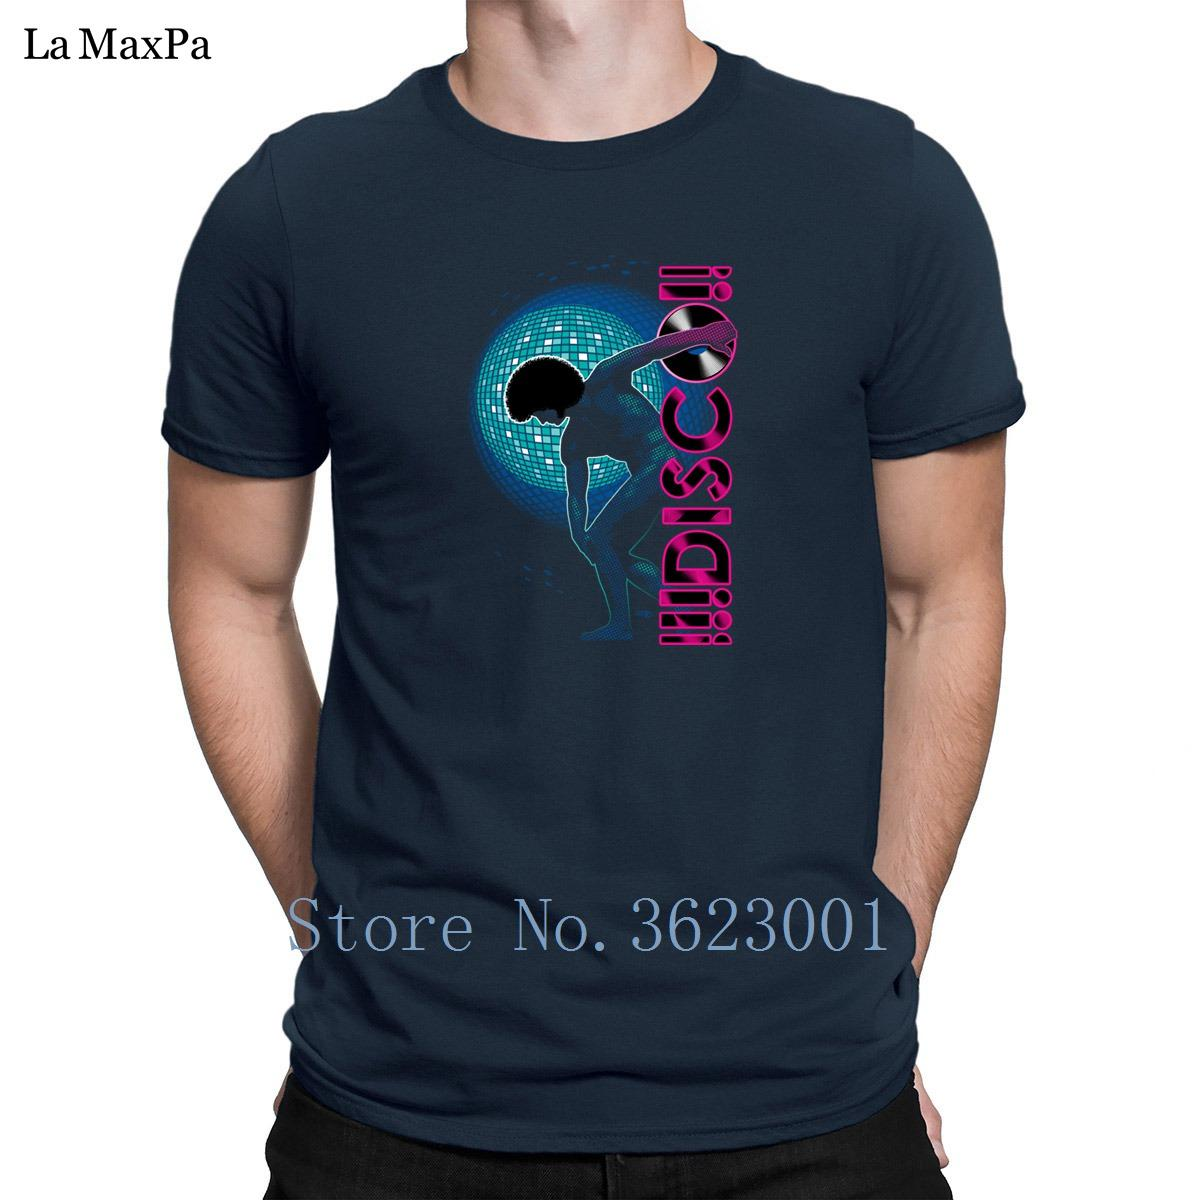 Imprimé Taille Plus 3XL Tee shirt homme Disco Man printemps hilarant T-shirts d'homme classique T Shirts Hommes Hot Sale Loisirs